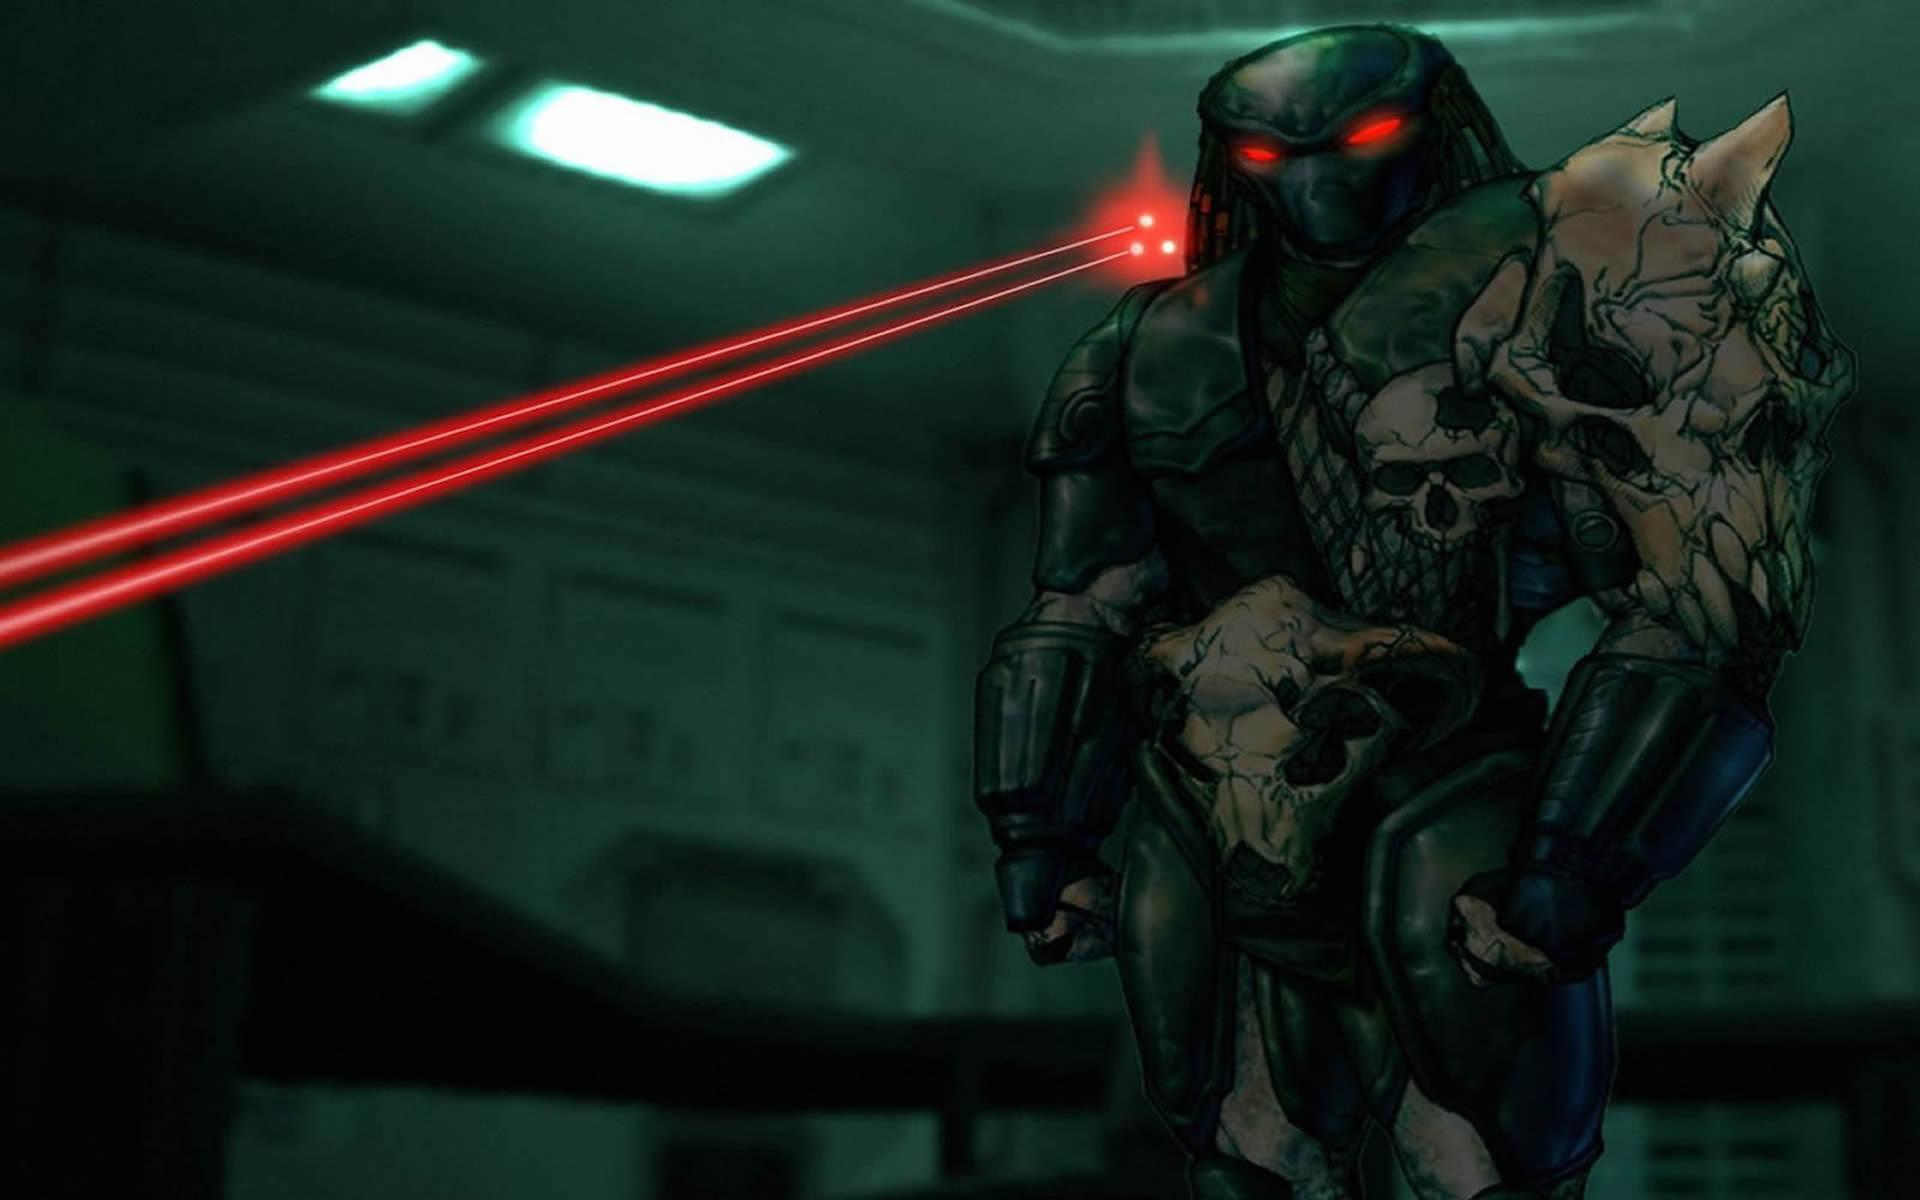 Predator Lazer Targeting